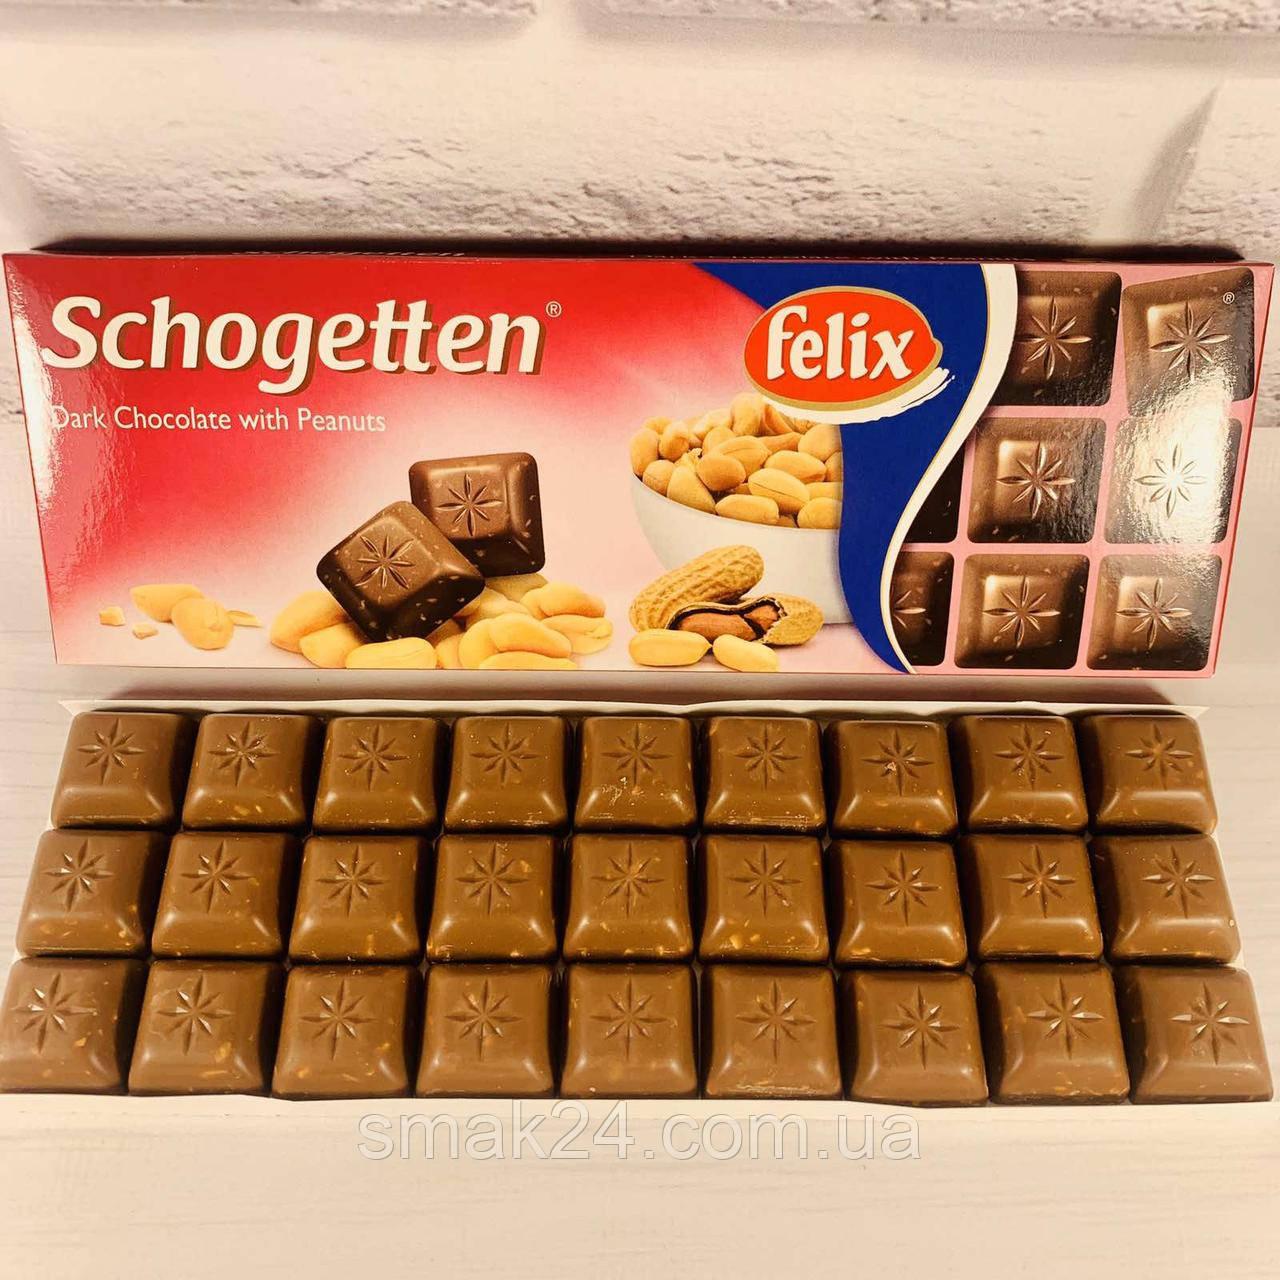 Шоколад черный Schogetten Peanuts (с арахисом) Felix Германия, 150 г